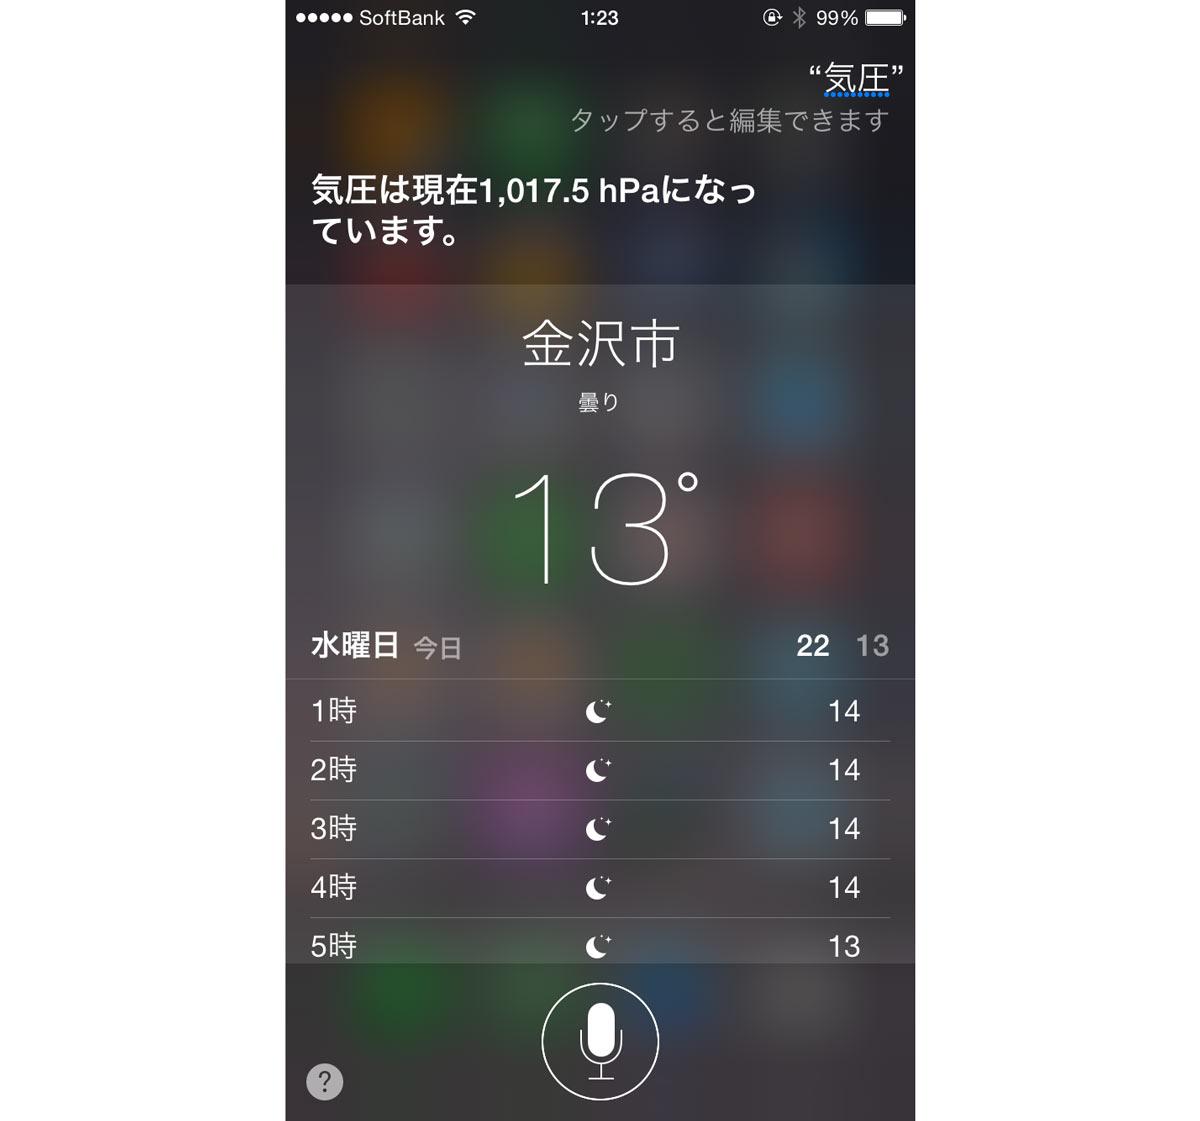 Siri 気圧  なんと、現在の気圧を答えてくれるのです。 だから、わざわざアプリをダウ...